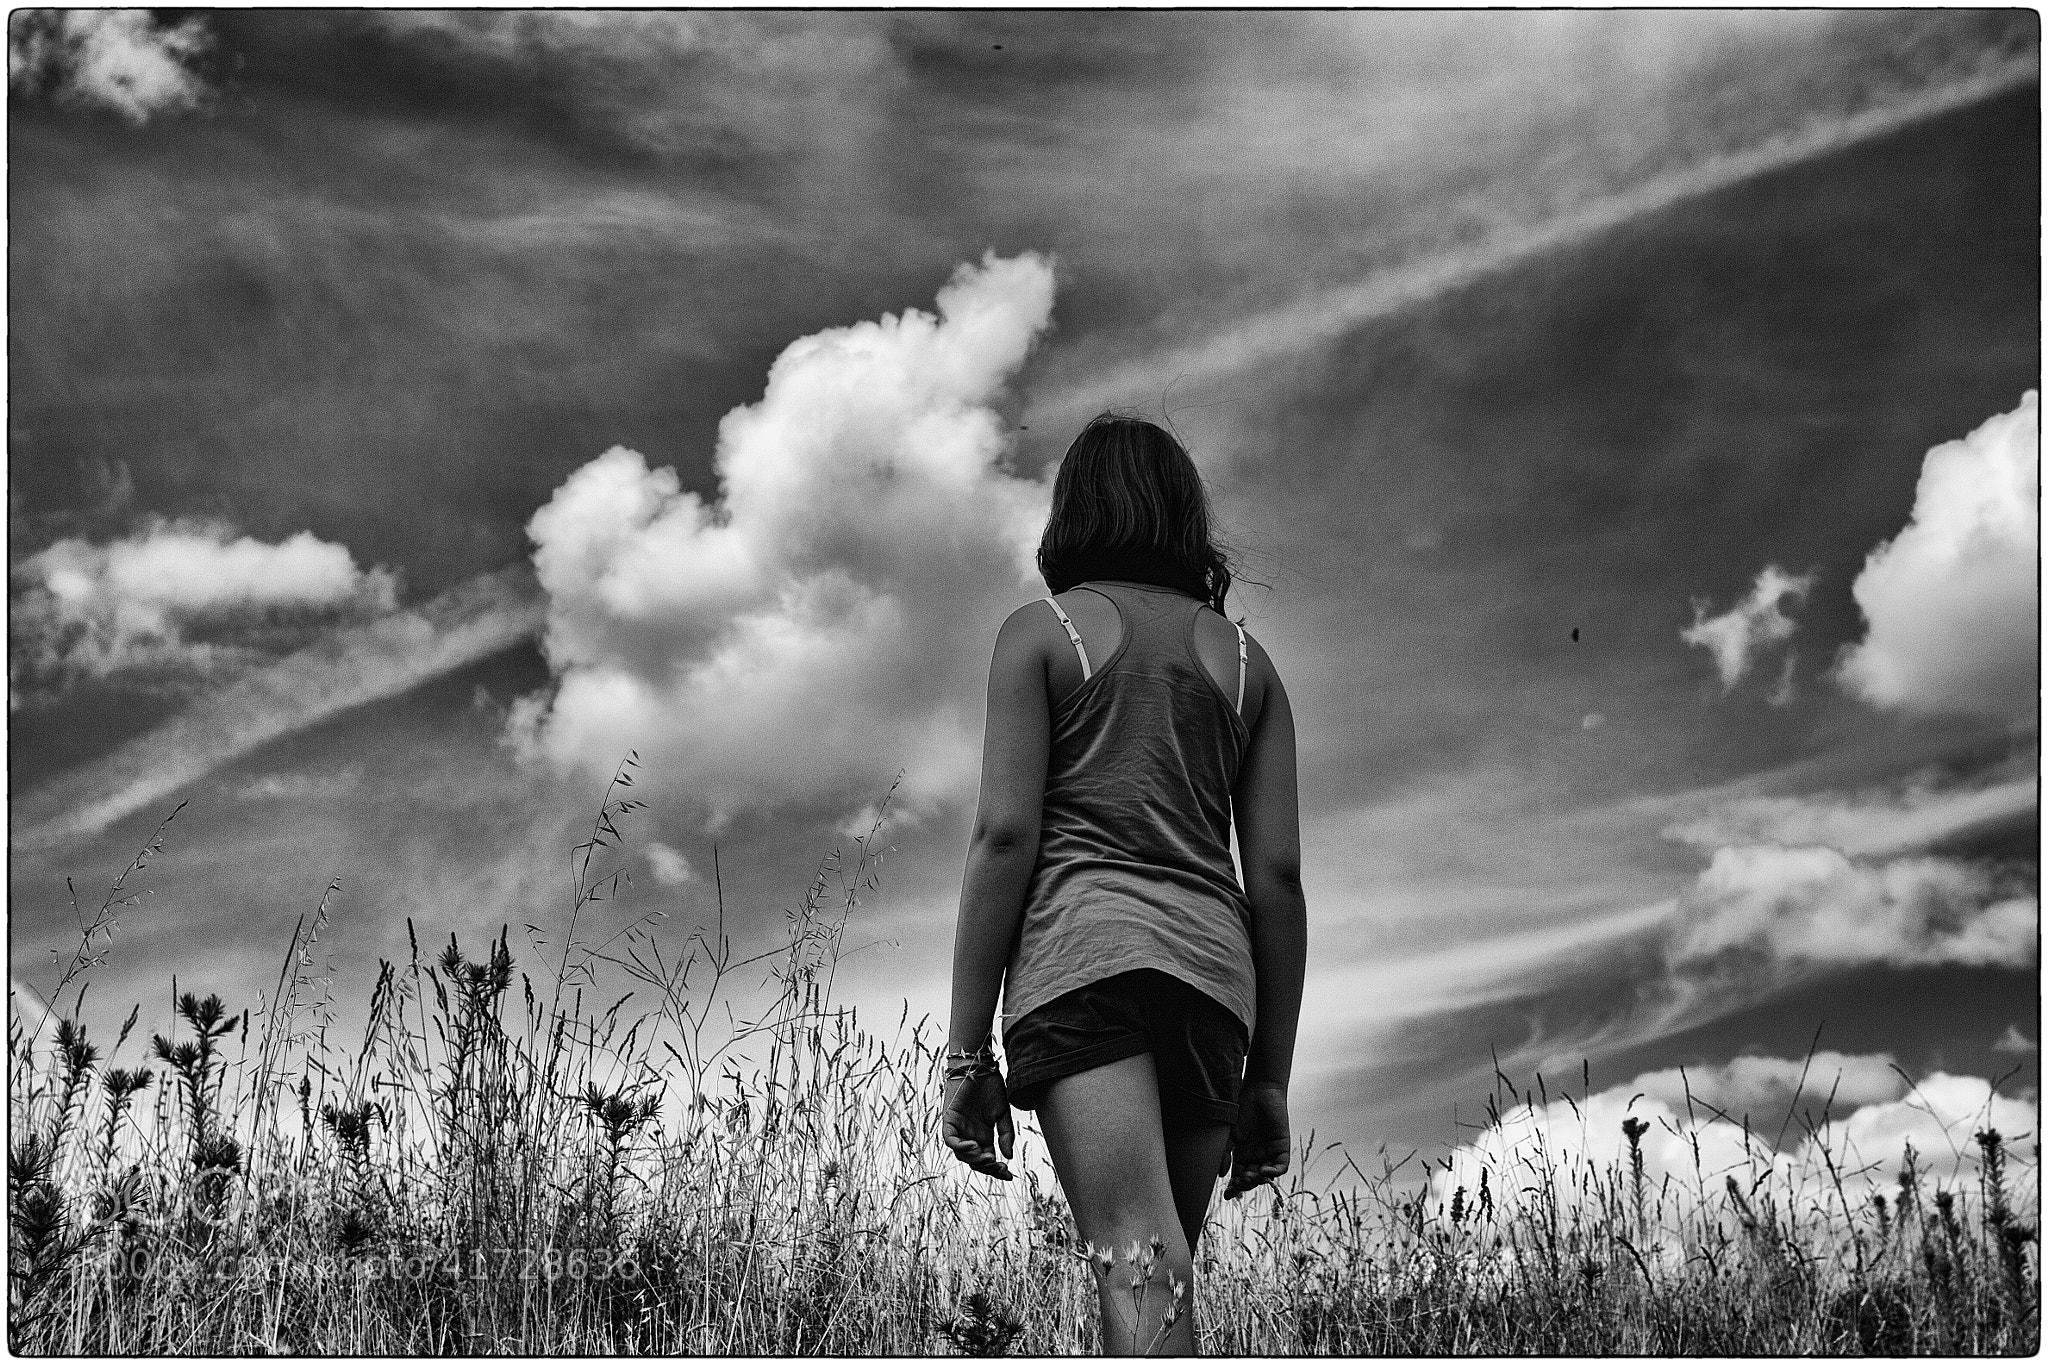 Photograph Bajo el cielo by Luis Mariano González on 500px